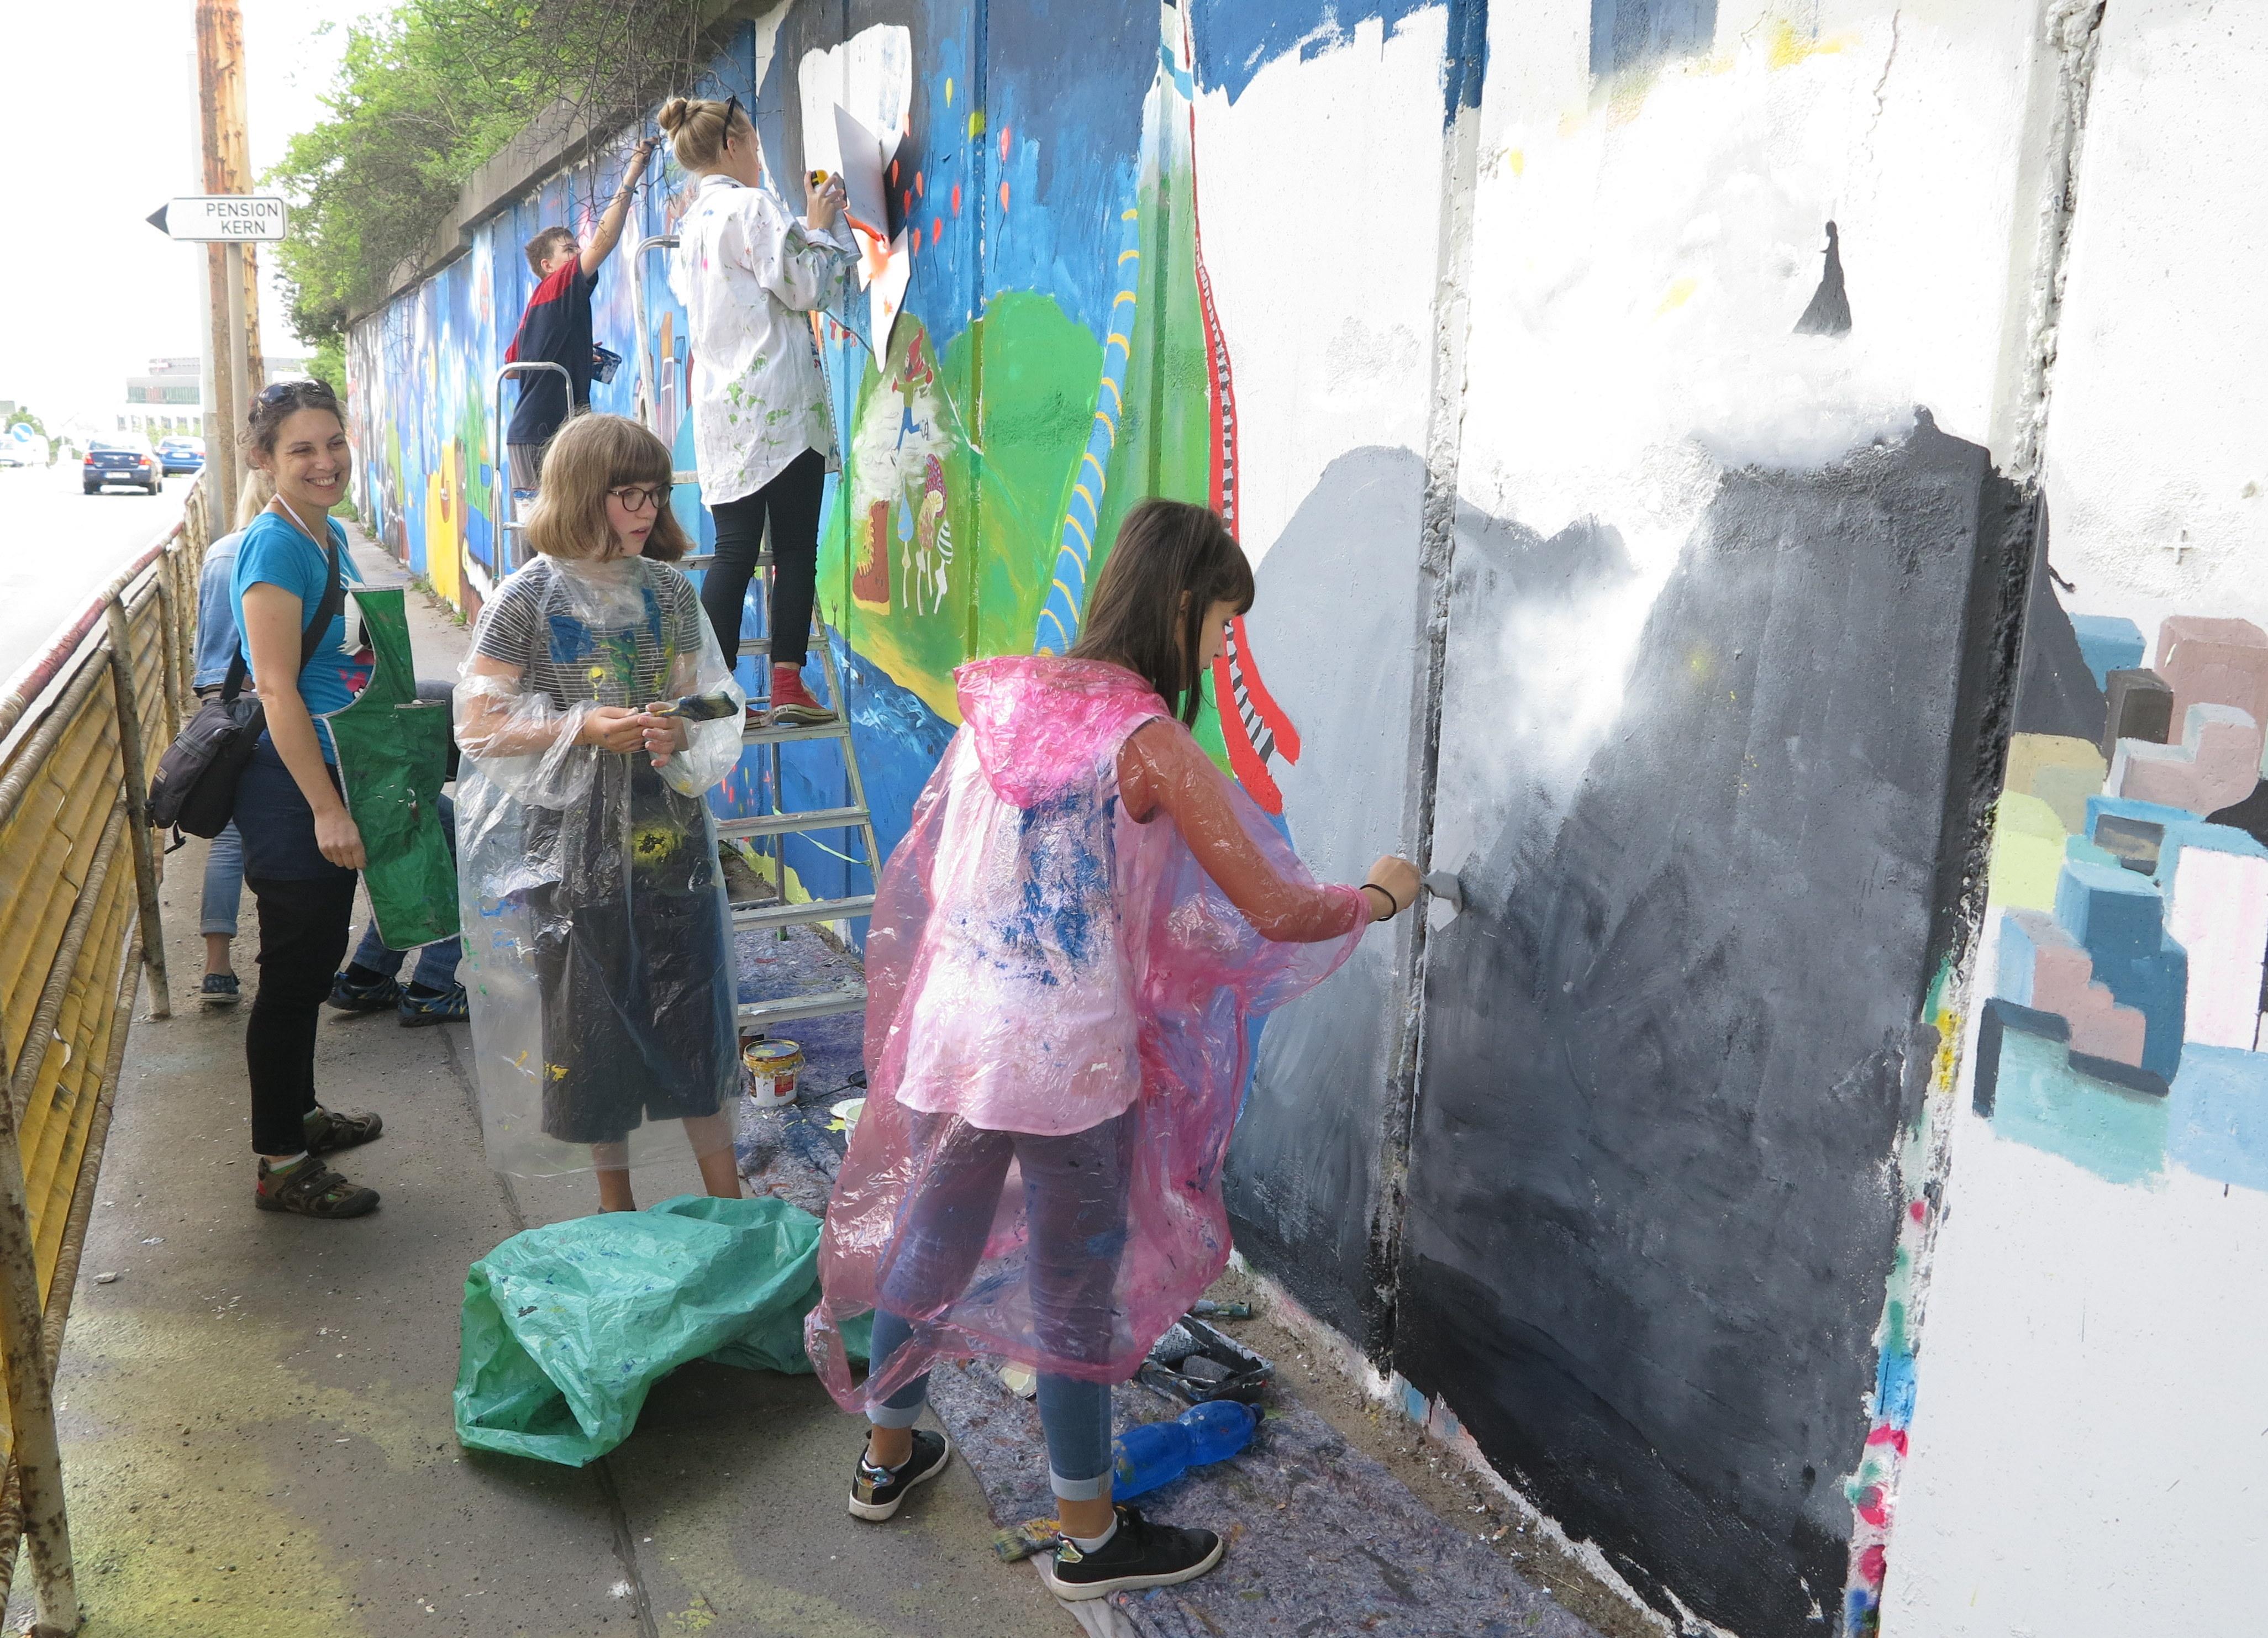 malovani-zdi-v-radlicke-vesmirna-skola-a-prurez-svety